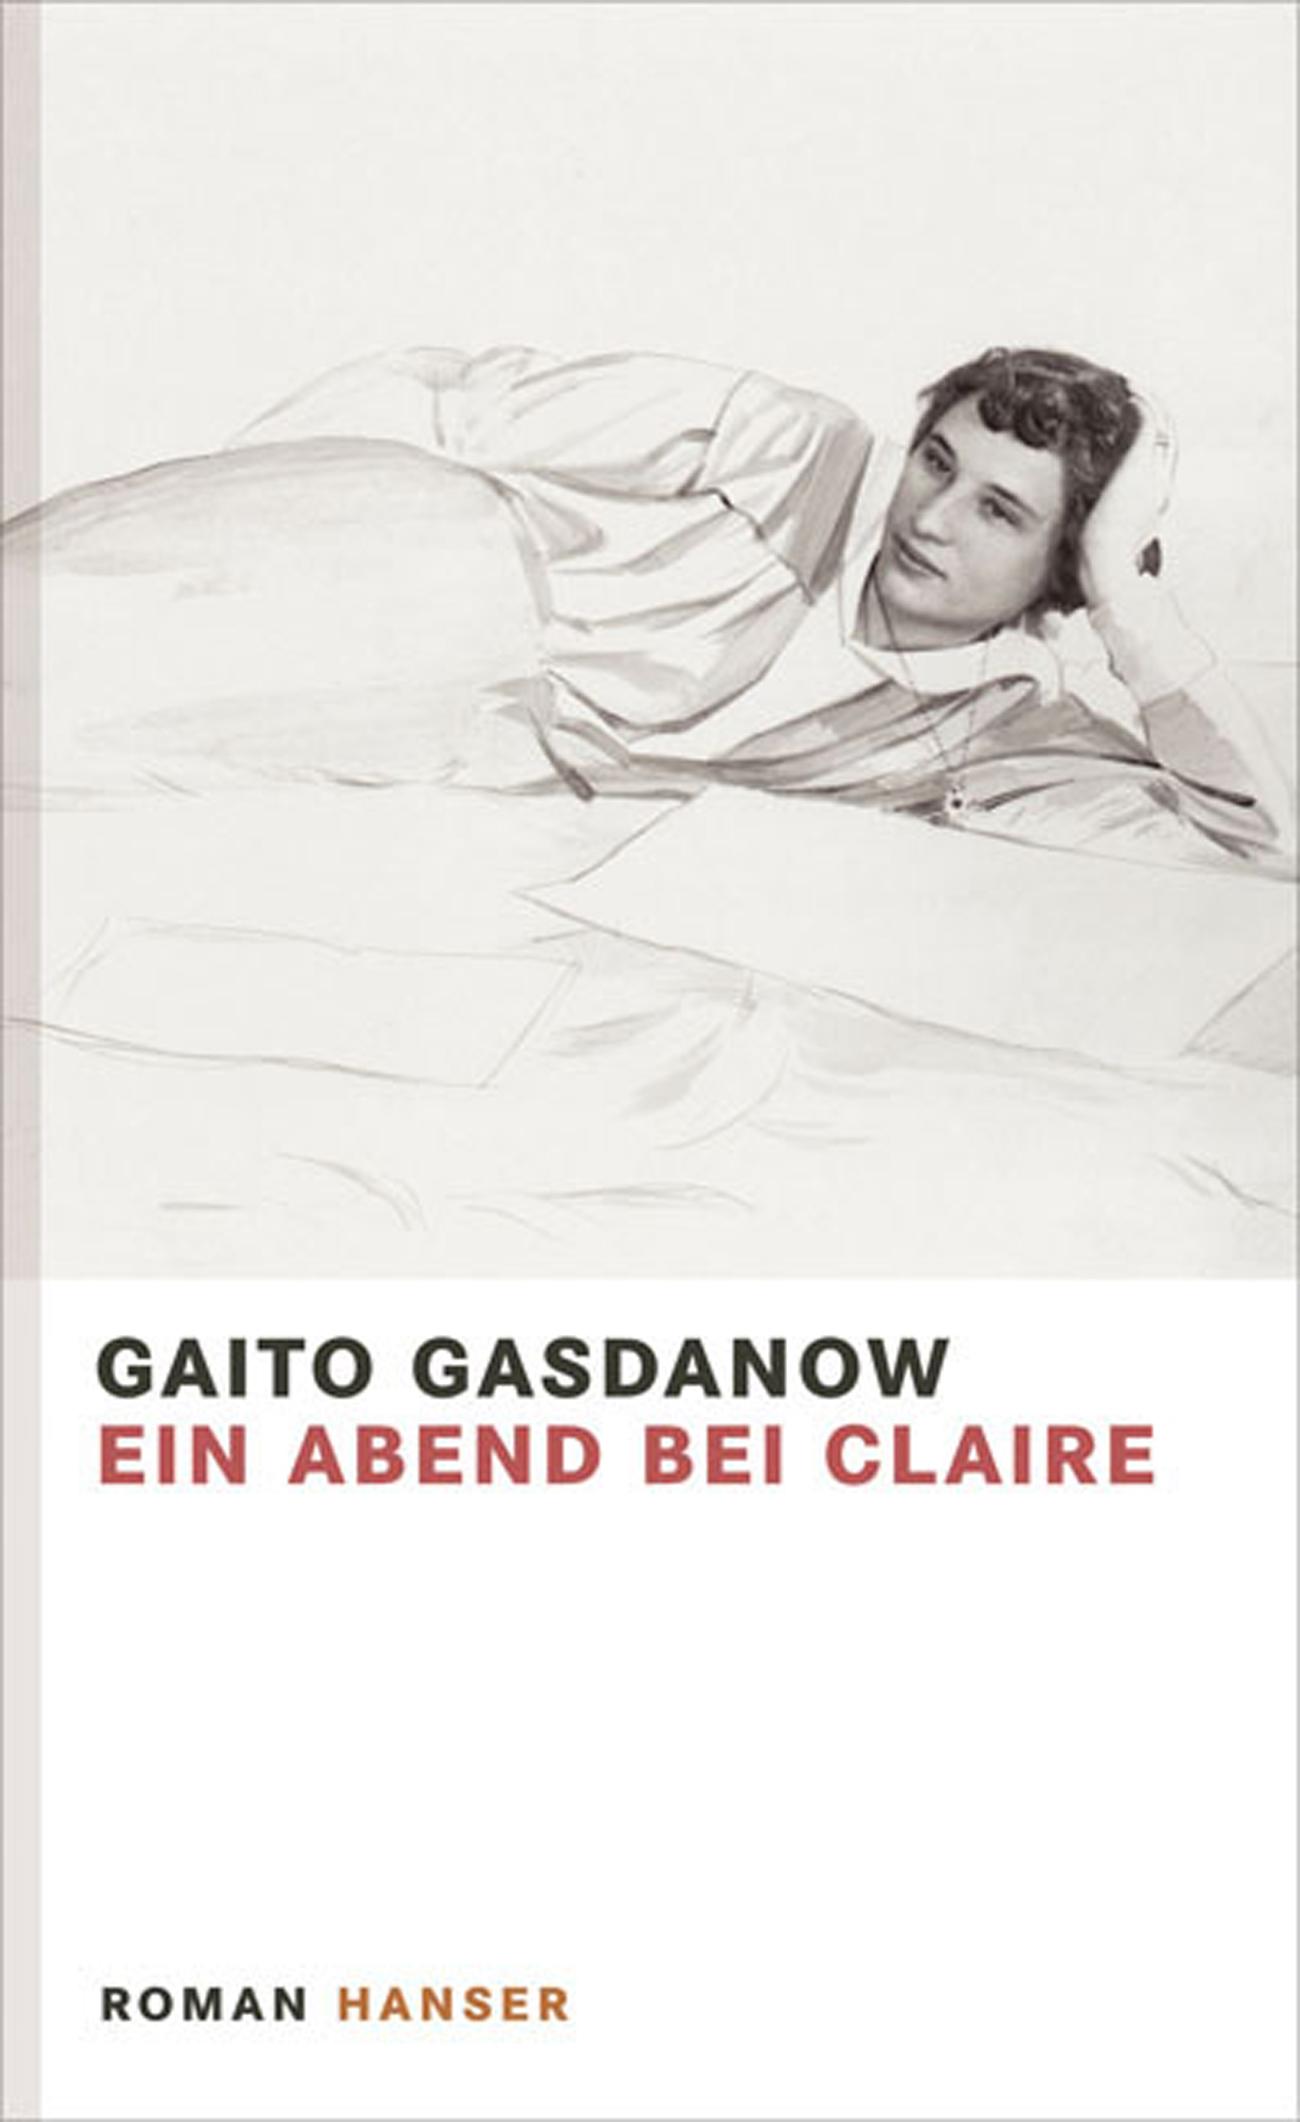 """Gaito Gasdanow, """"Ein Abend bei Claire"""". Übersetzt aus dem Russischen von Rosemarie Tietze. Carl Hanser Verlag, 2014. 192 Seiten."""